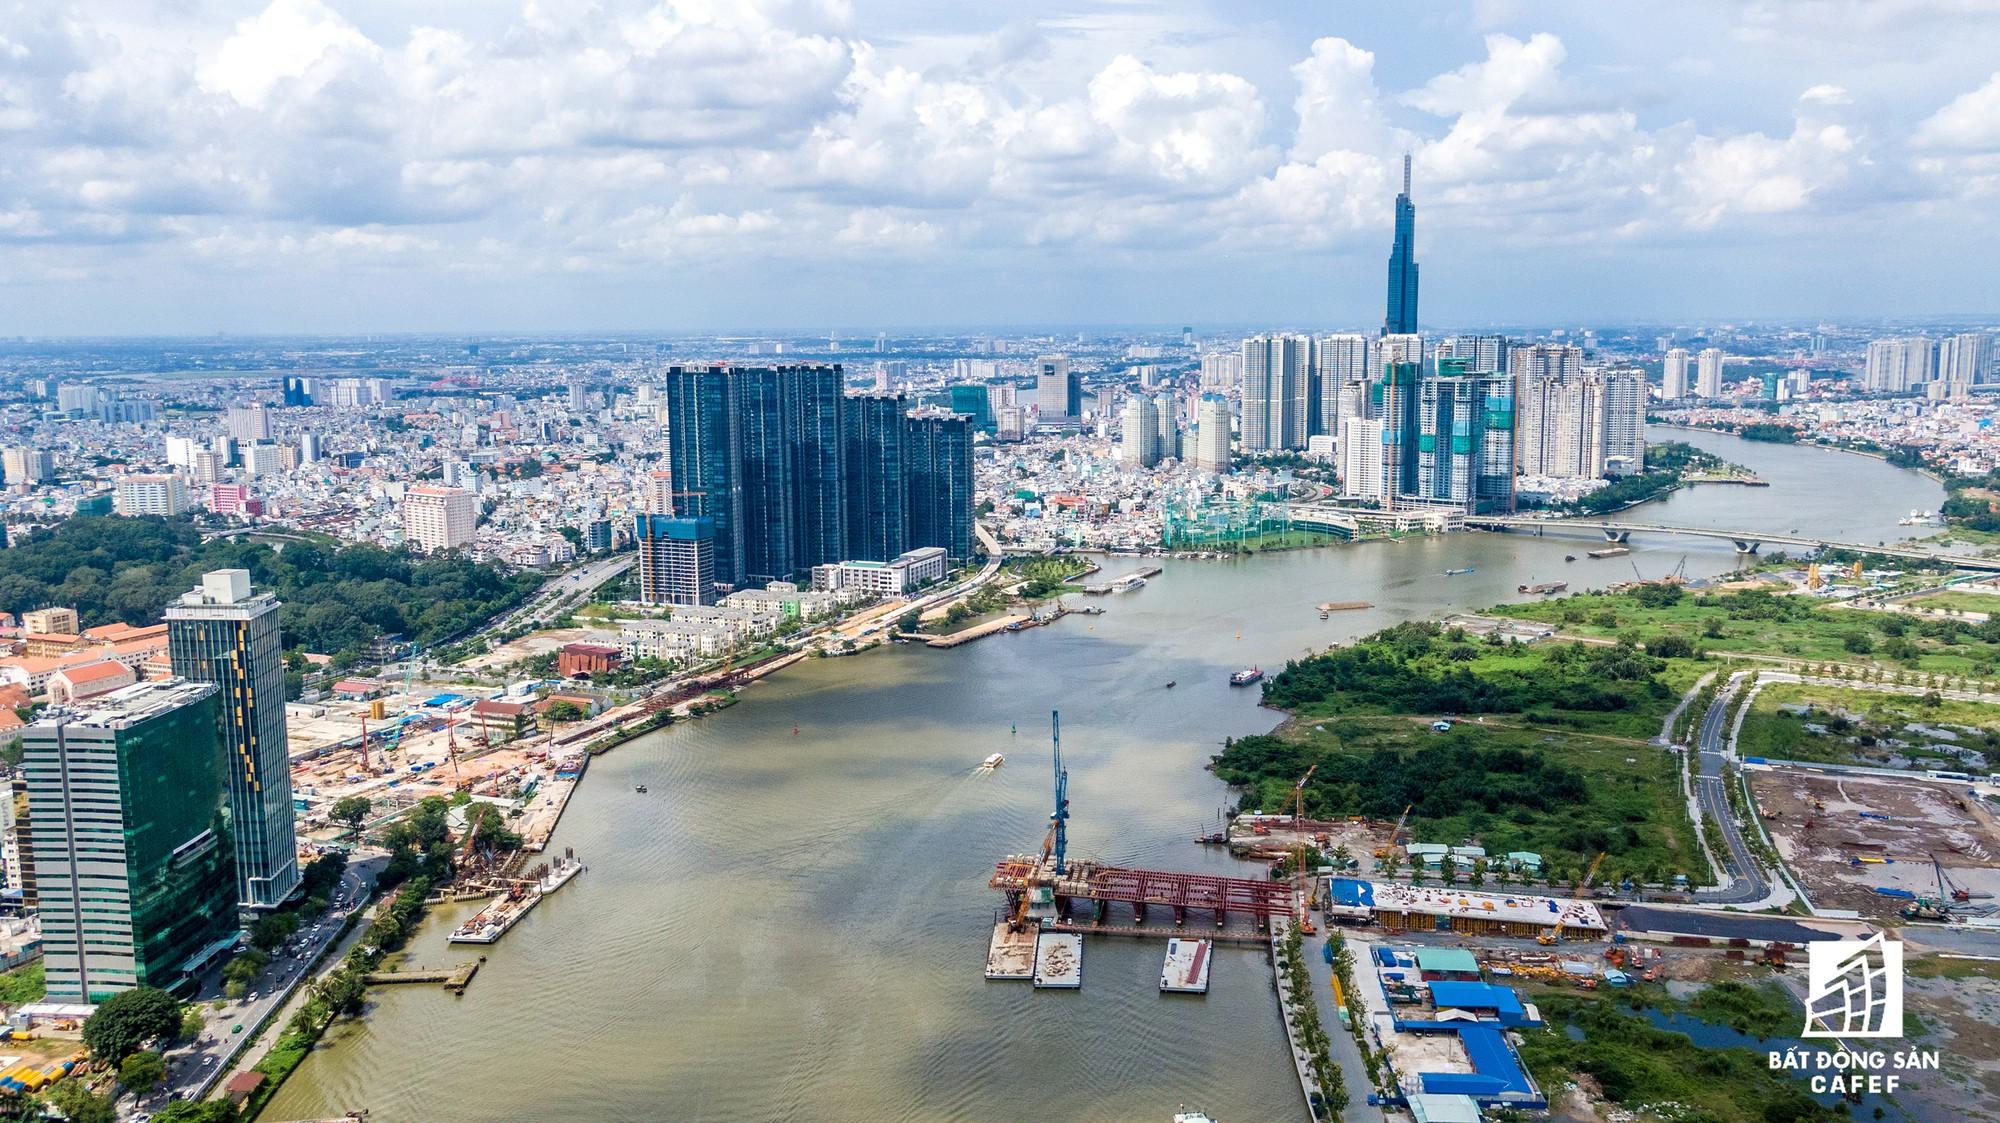 Diện mạo hai bờ sông Sài Gòn tương lai nhìn từ loạt siêu dự án tỷ đô, khu vực trung tâm giá nhà lên hơn 1 tỷ đồng/m2 - Ảnh 24. Diện mạo hai bờ sông Sài Gòn tương lai nhìn từ loạt siêu dự án tỷ đô, khu vực trung tâm giá nhà lên hơn 1 tỷ đồng/m2 Diện mạo hai bờ sông Sài Gòn tương lai nhìn từ loạt siêu dự án tỷ đô, khu vực trung tâm giá nhà lên hơn 1 tỷ đồng/m2 hinh 61 156827768869268908302